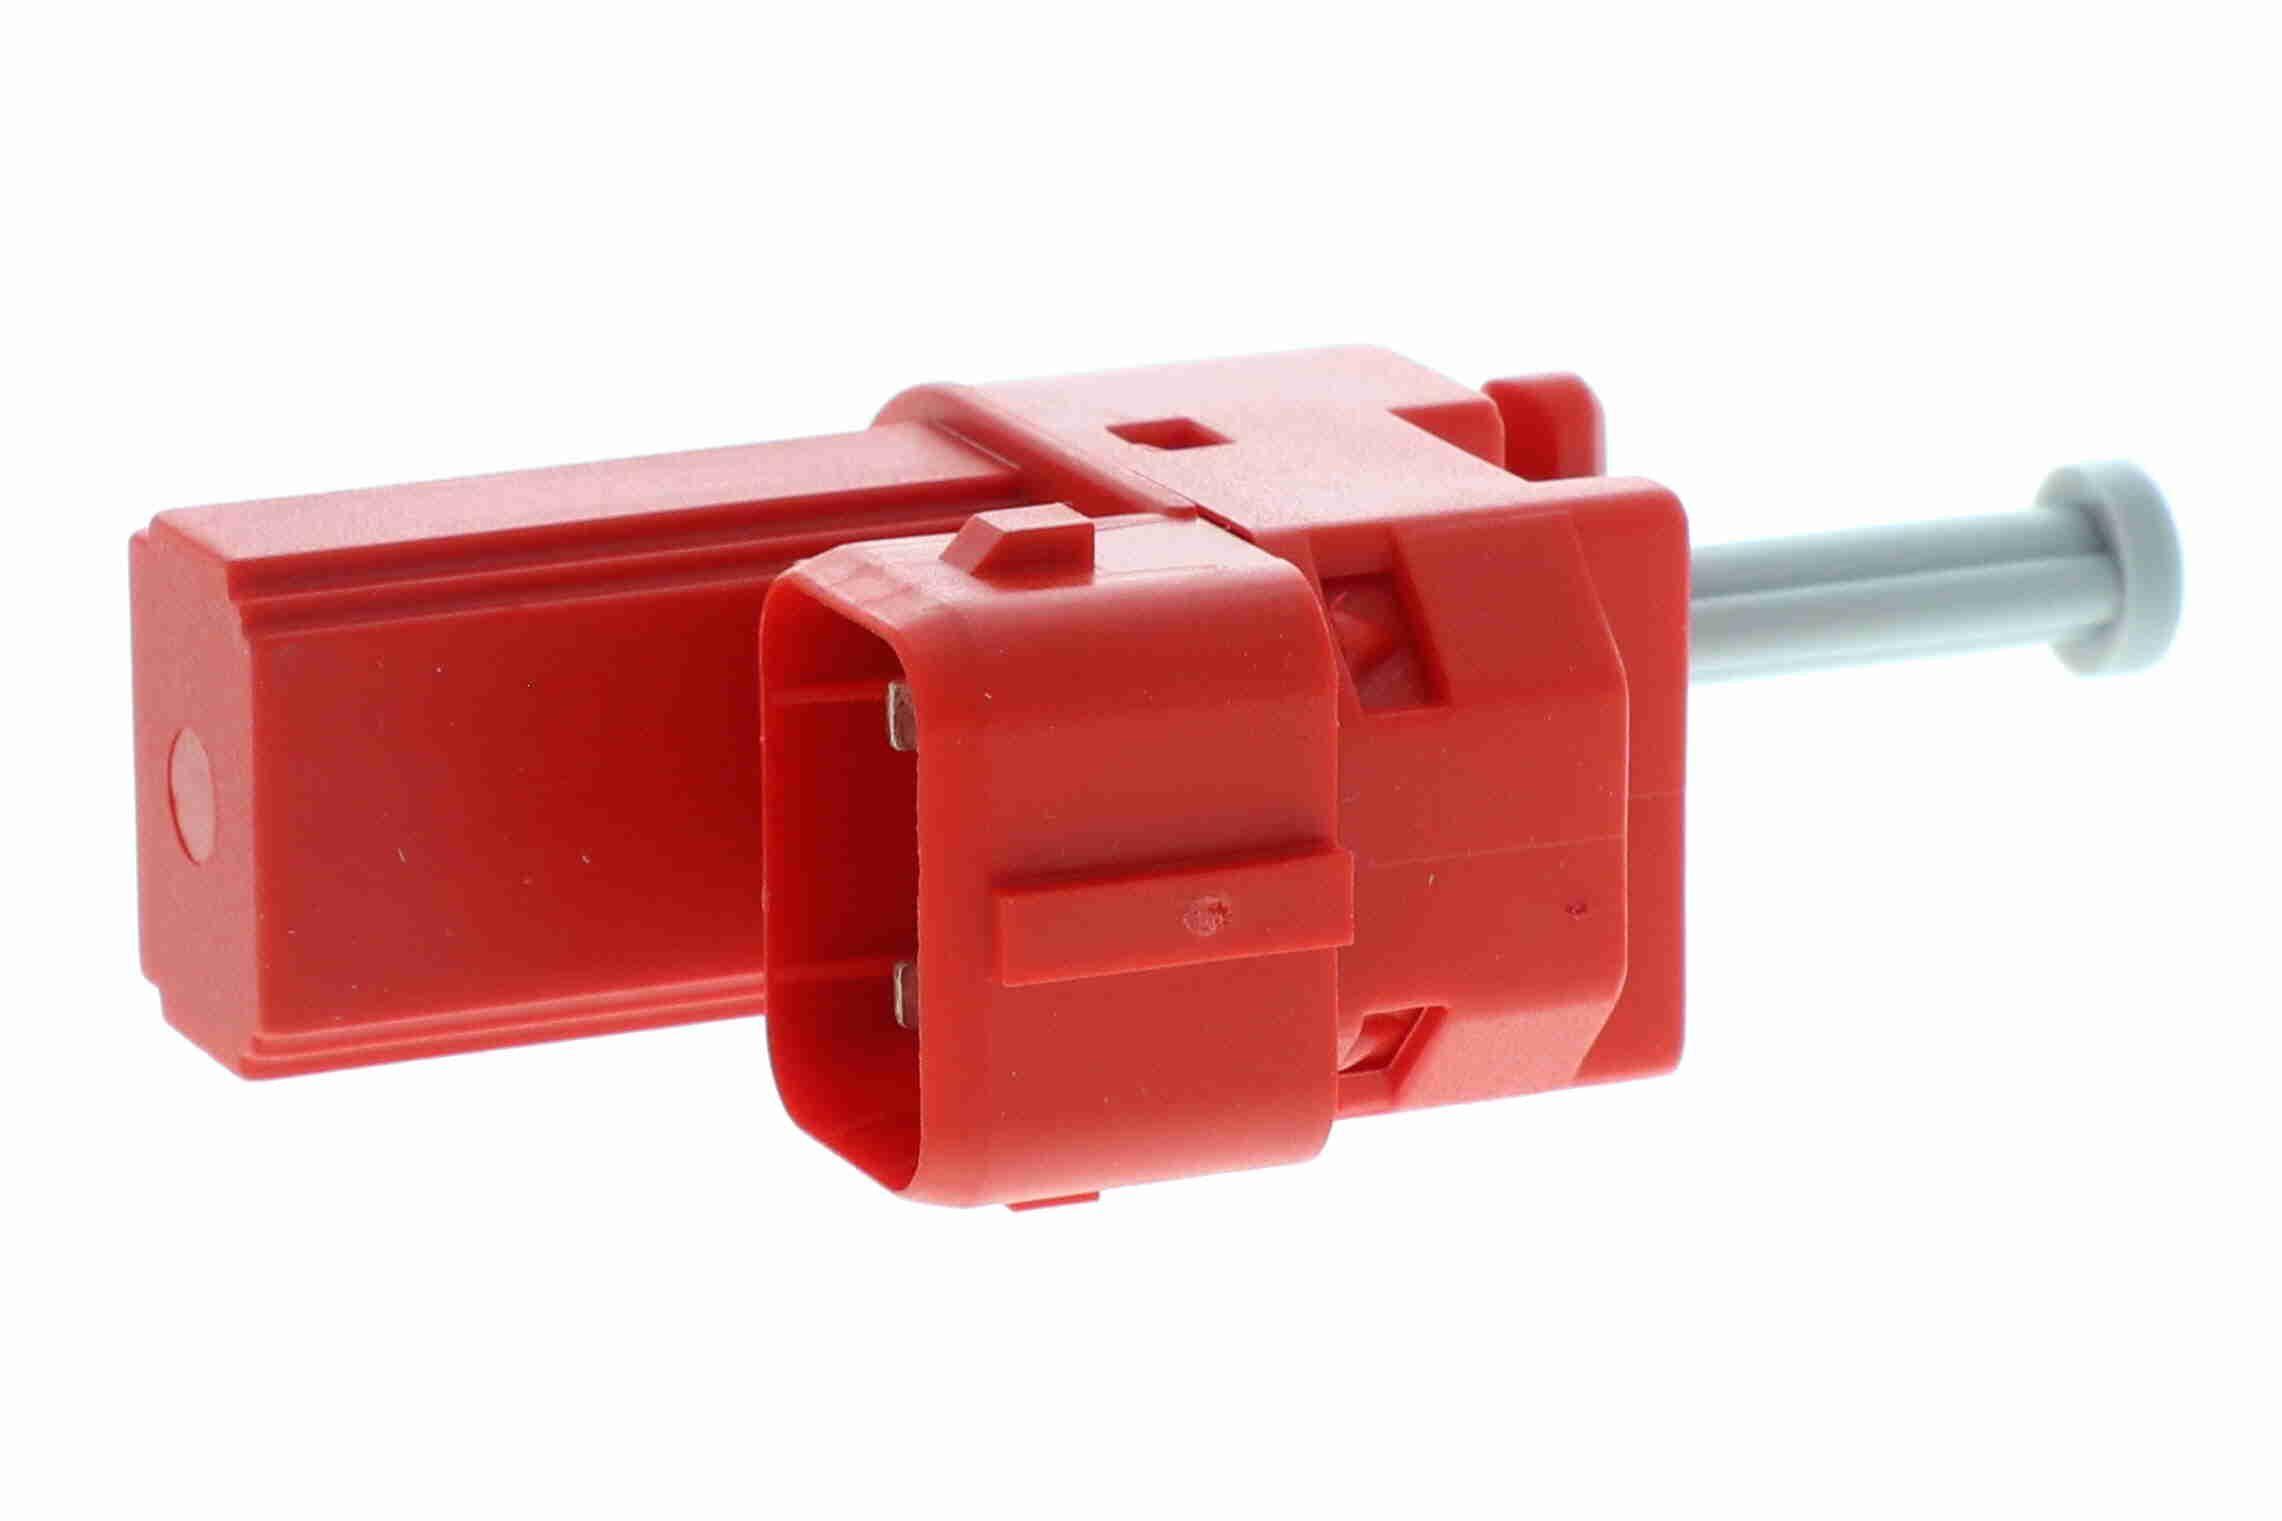 Ключ, задействане на съединителя V25-73-0092 Focus Mk1 Хечбек (DAW, DBW) 1.6 16V 100 К.С. оферта за оригинални резервни части